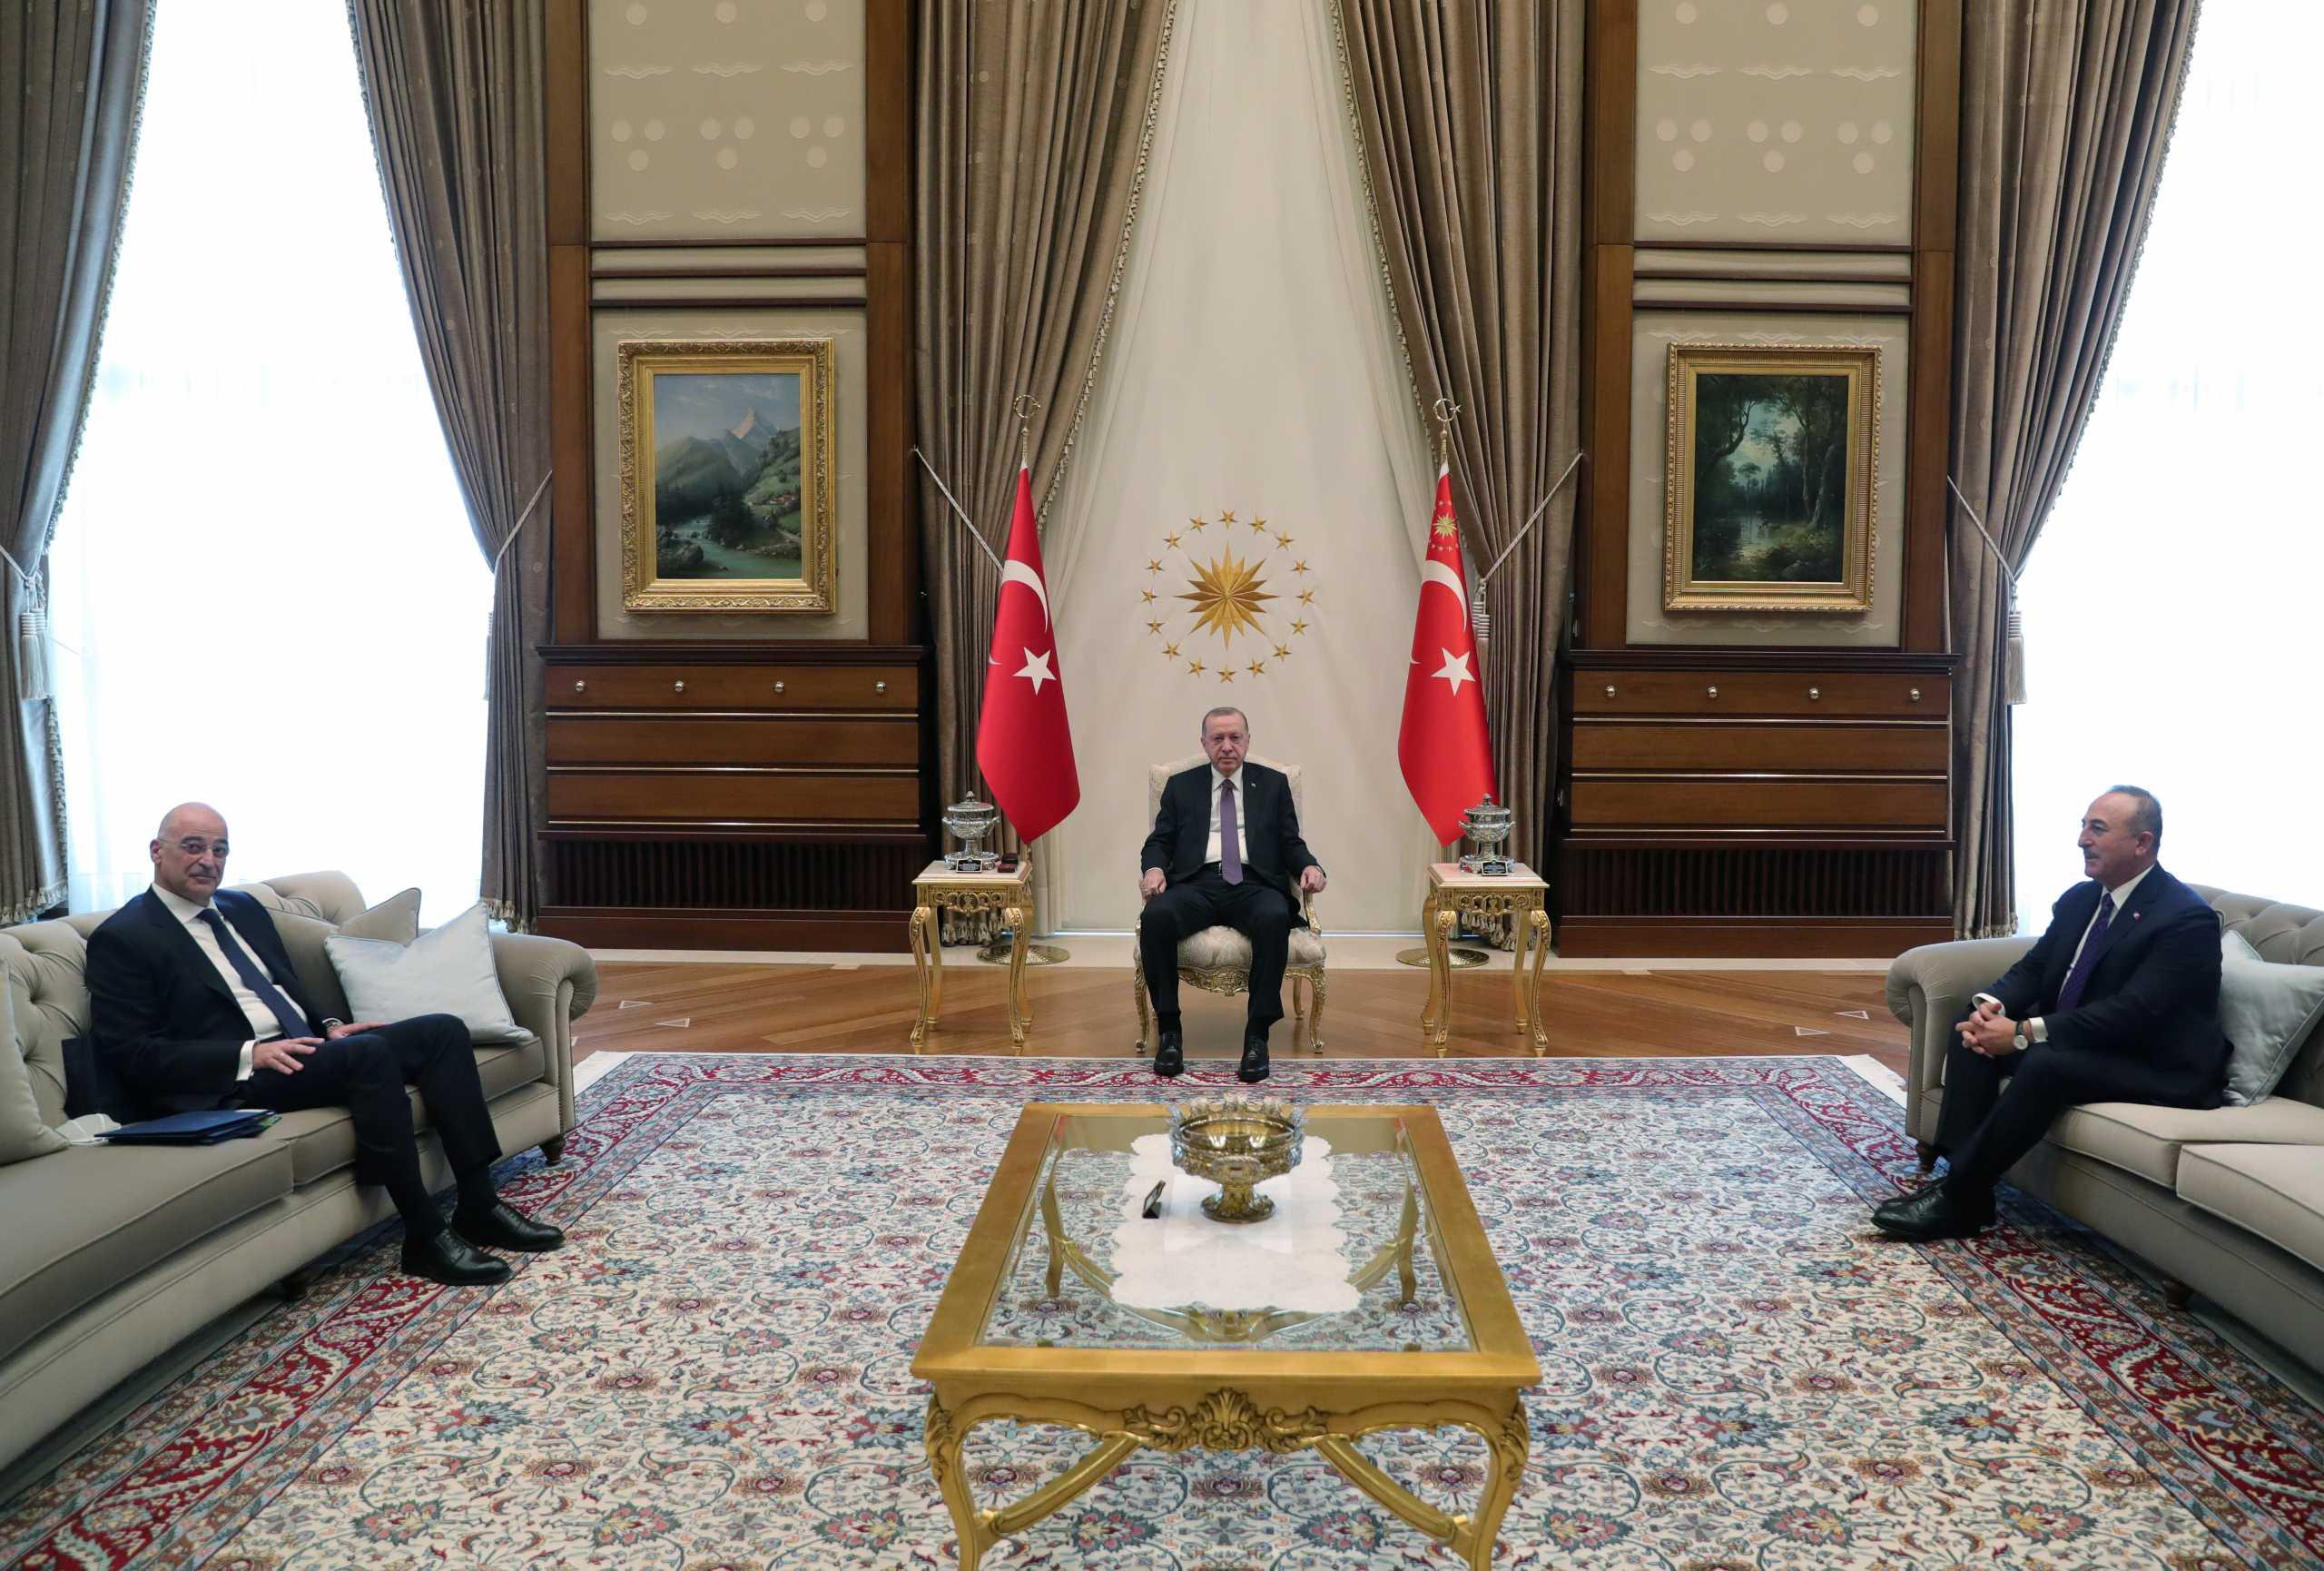 Ο Νίκος Δένδιας στην Άγκυρα – Η συνάντηση με τον Ταγίπ Ερντογάν